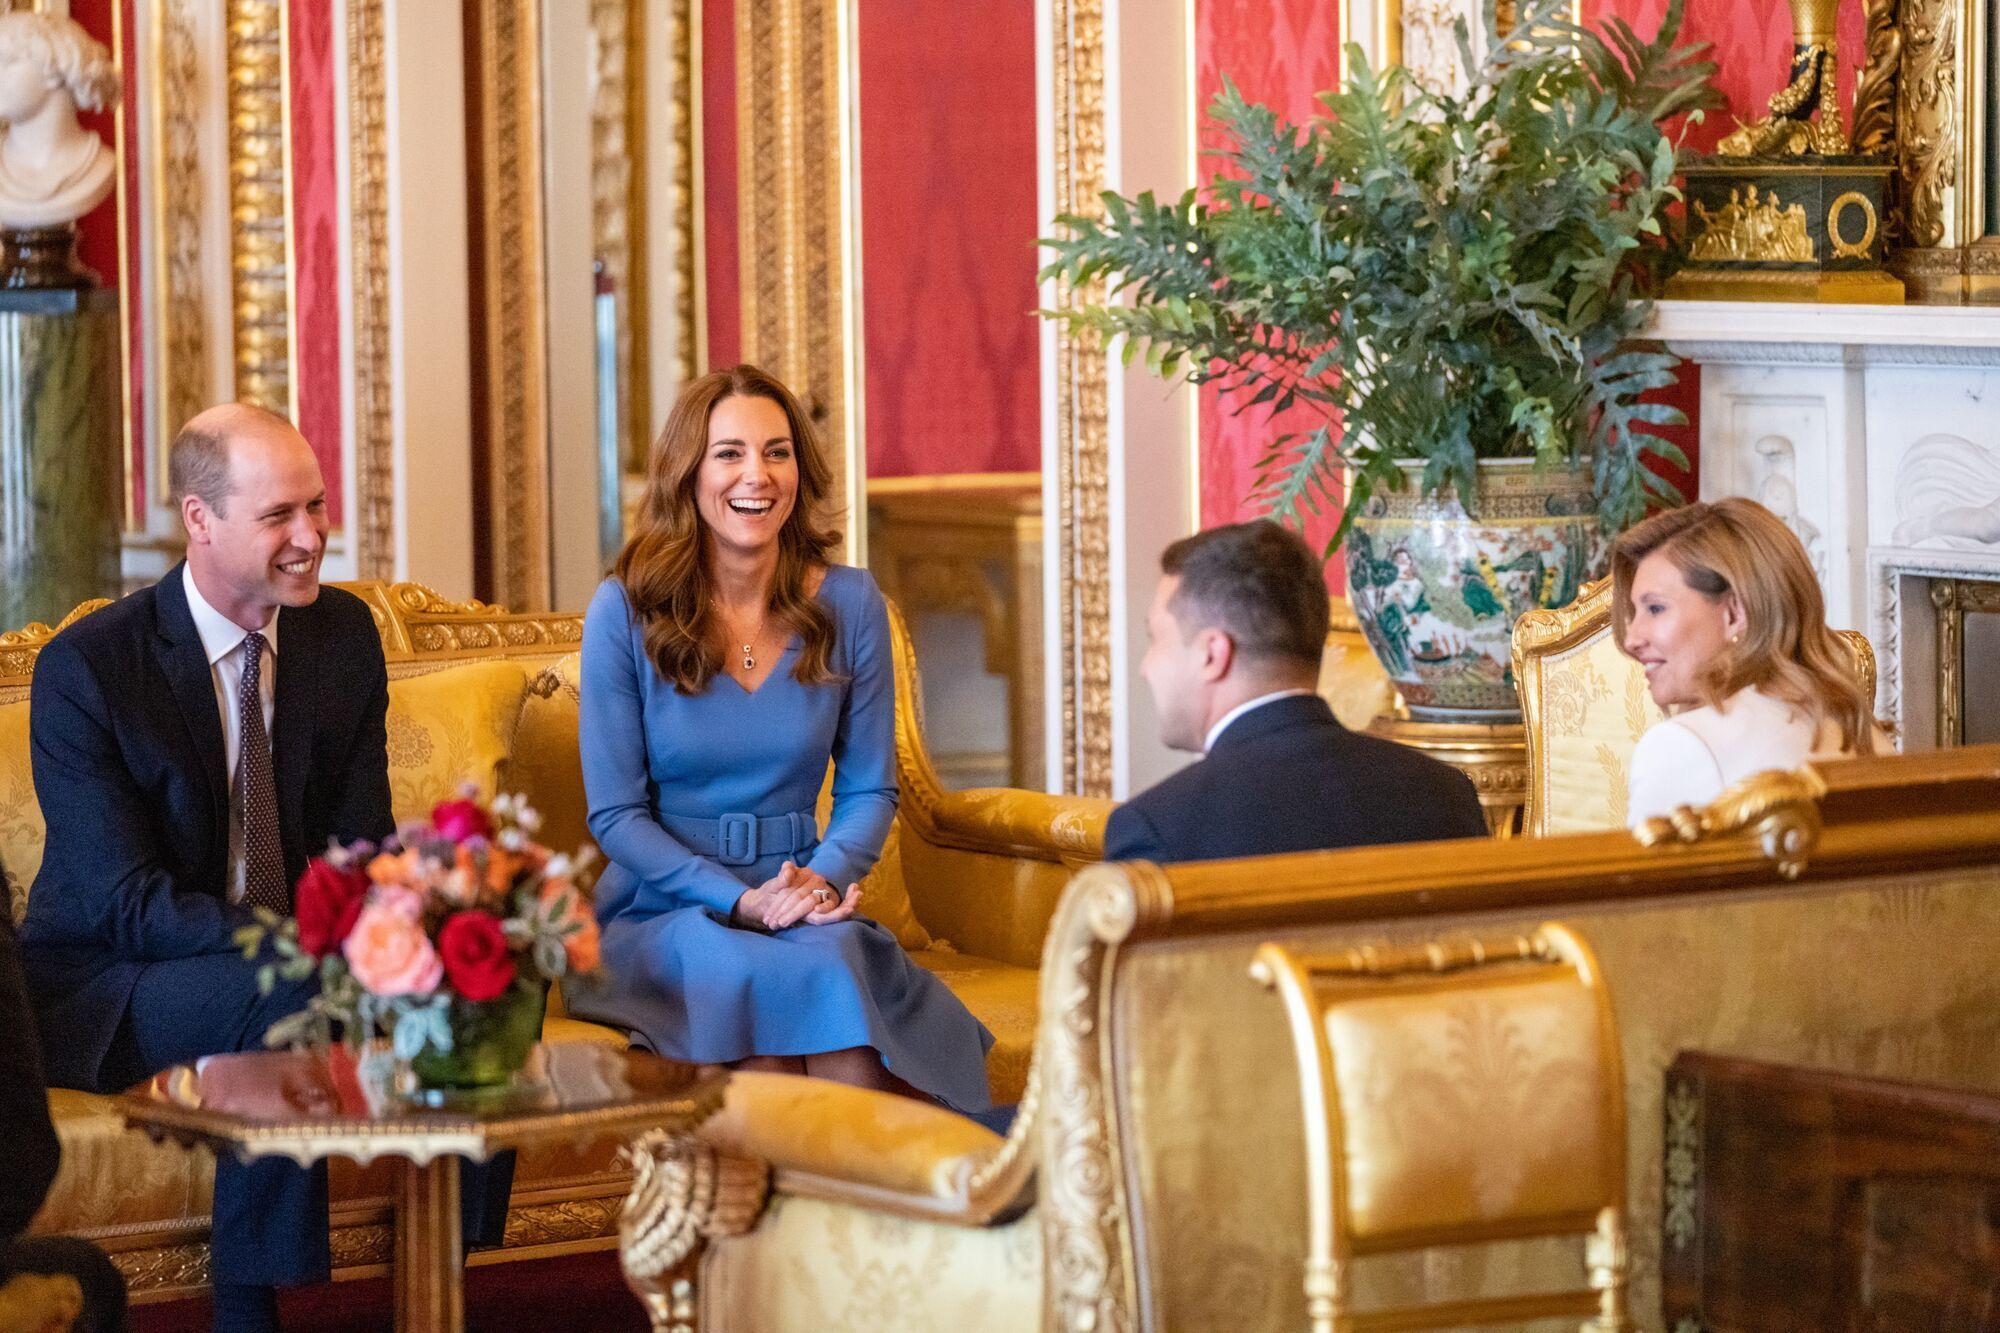 Елена и Владимир Зеленский на встрече с Кейт Миддлтон и принцем Уильямом